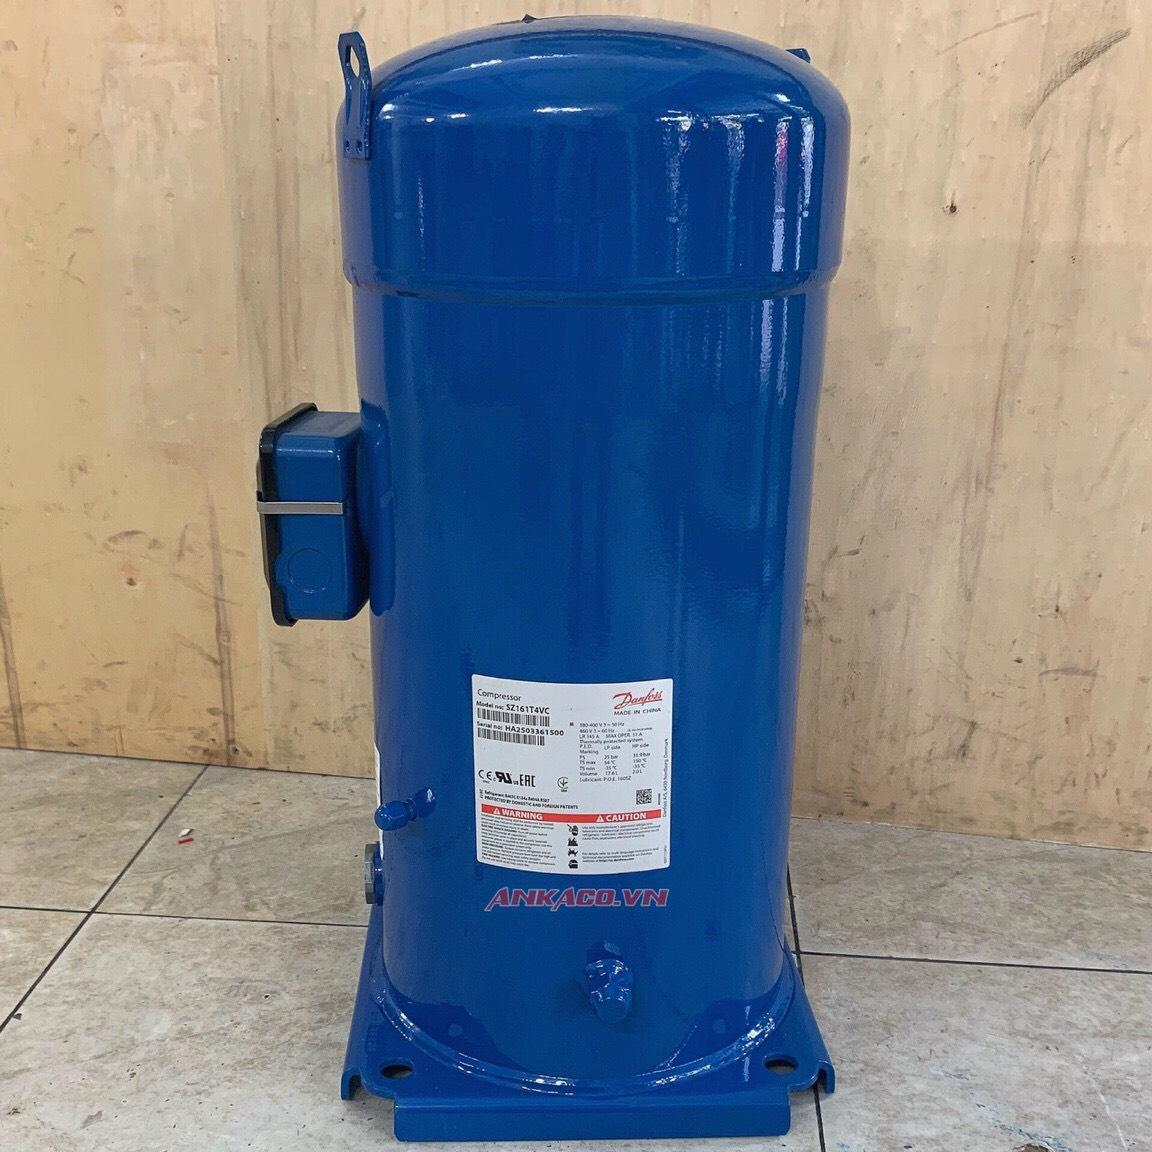 0912214283 Bán máy nén lạnh Danfoss 13 hp SH161A4ALC giá tốt.